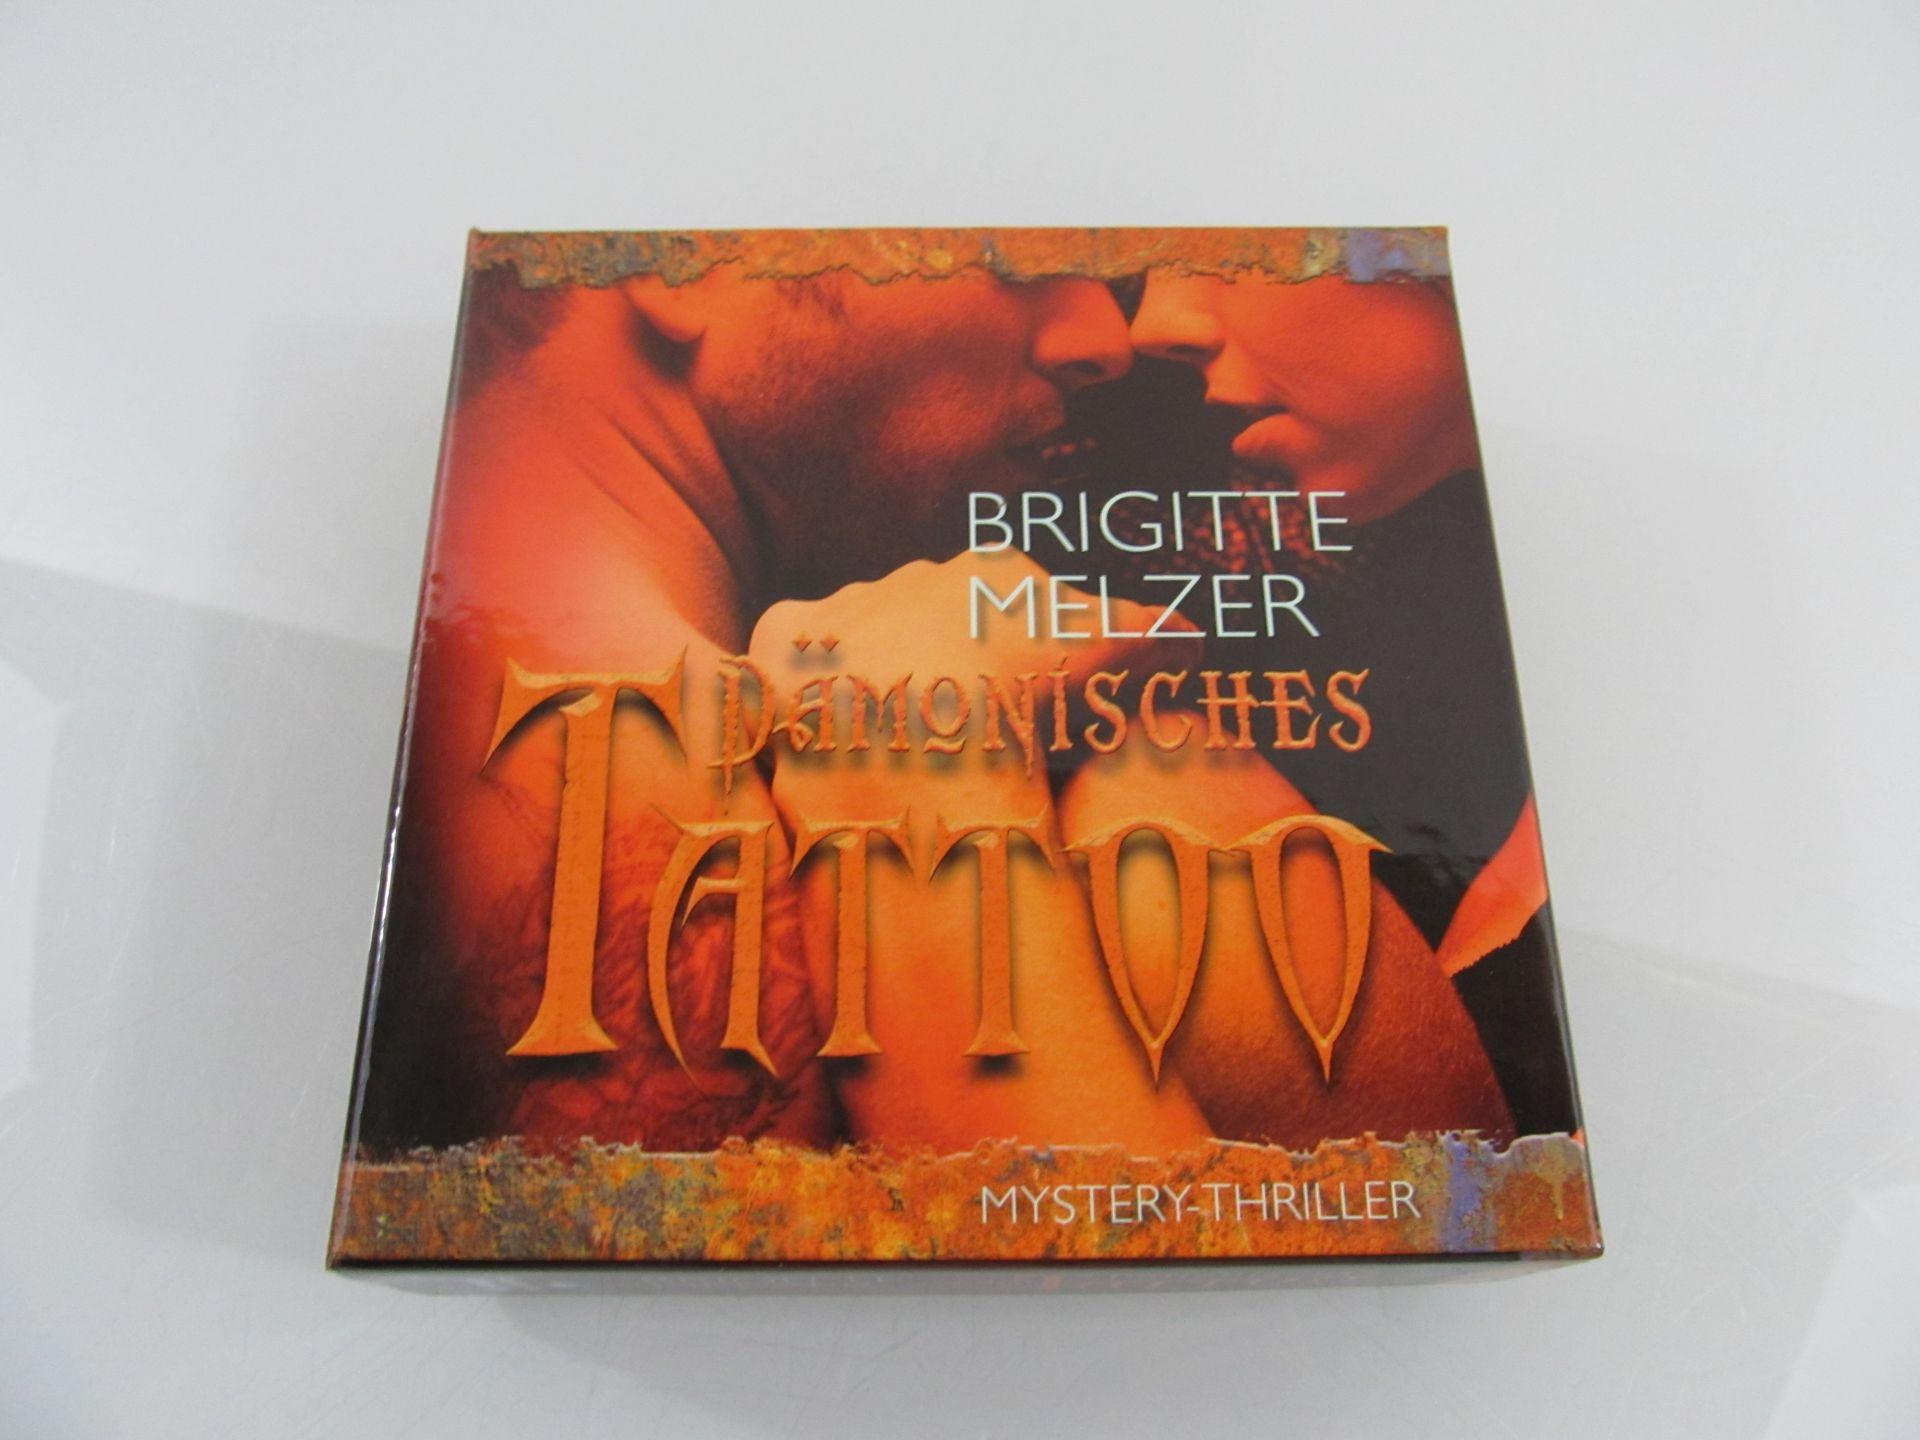 Dämonisches Tattoo : Mystery-Thriller / Brigitte Melzer. Ungekürzte Lesung von Manfred Callsen / Krimi-Bibliothek - Melzer, Brigitte und Manfred Callsen